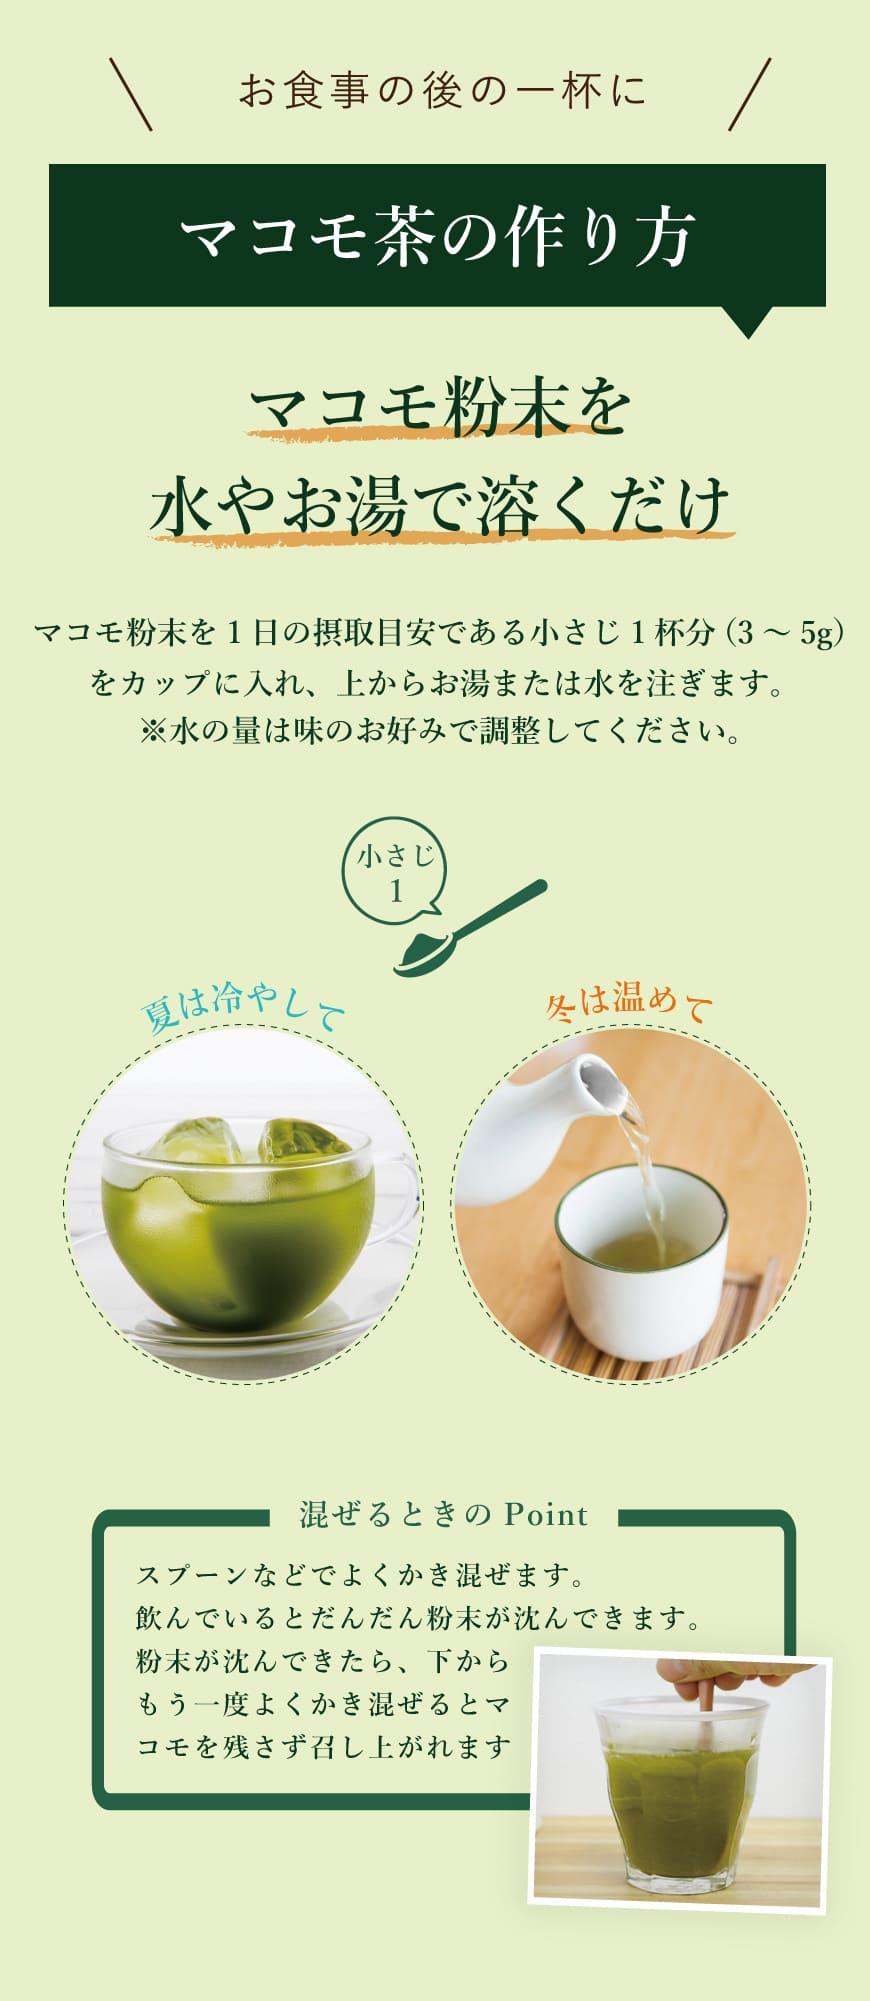 マコモ茶の作り方